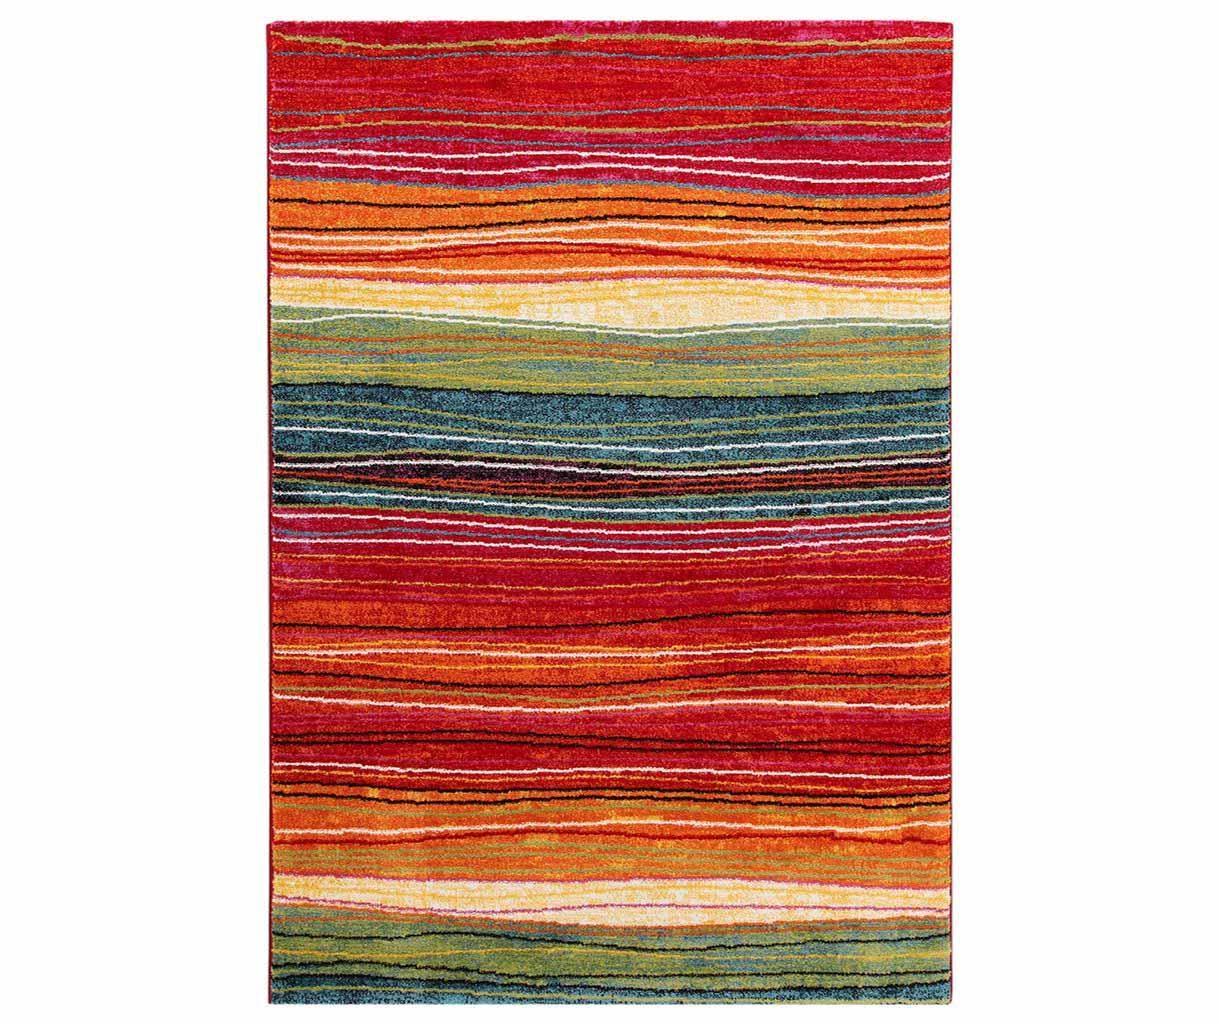 Covor Gioia Cane 80x150 cm - Viva, Multicolor imagine